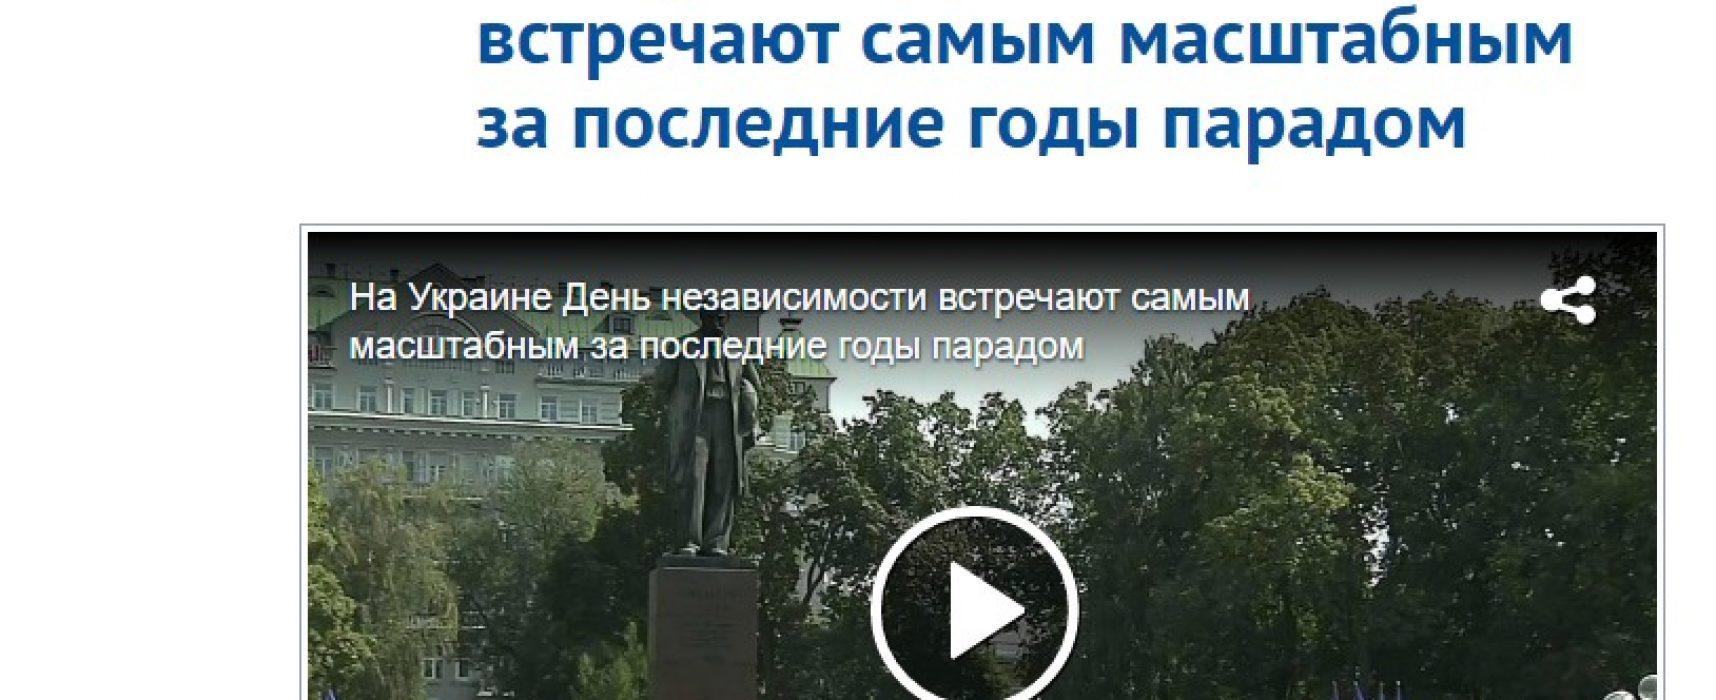 """""""Primer canal"""" ruso mintió sobre la independencia y comercio de Ucrania"""